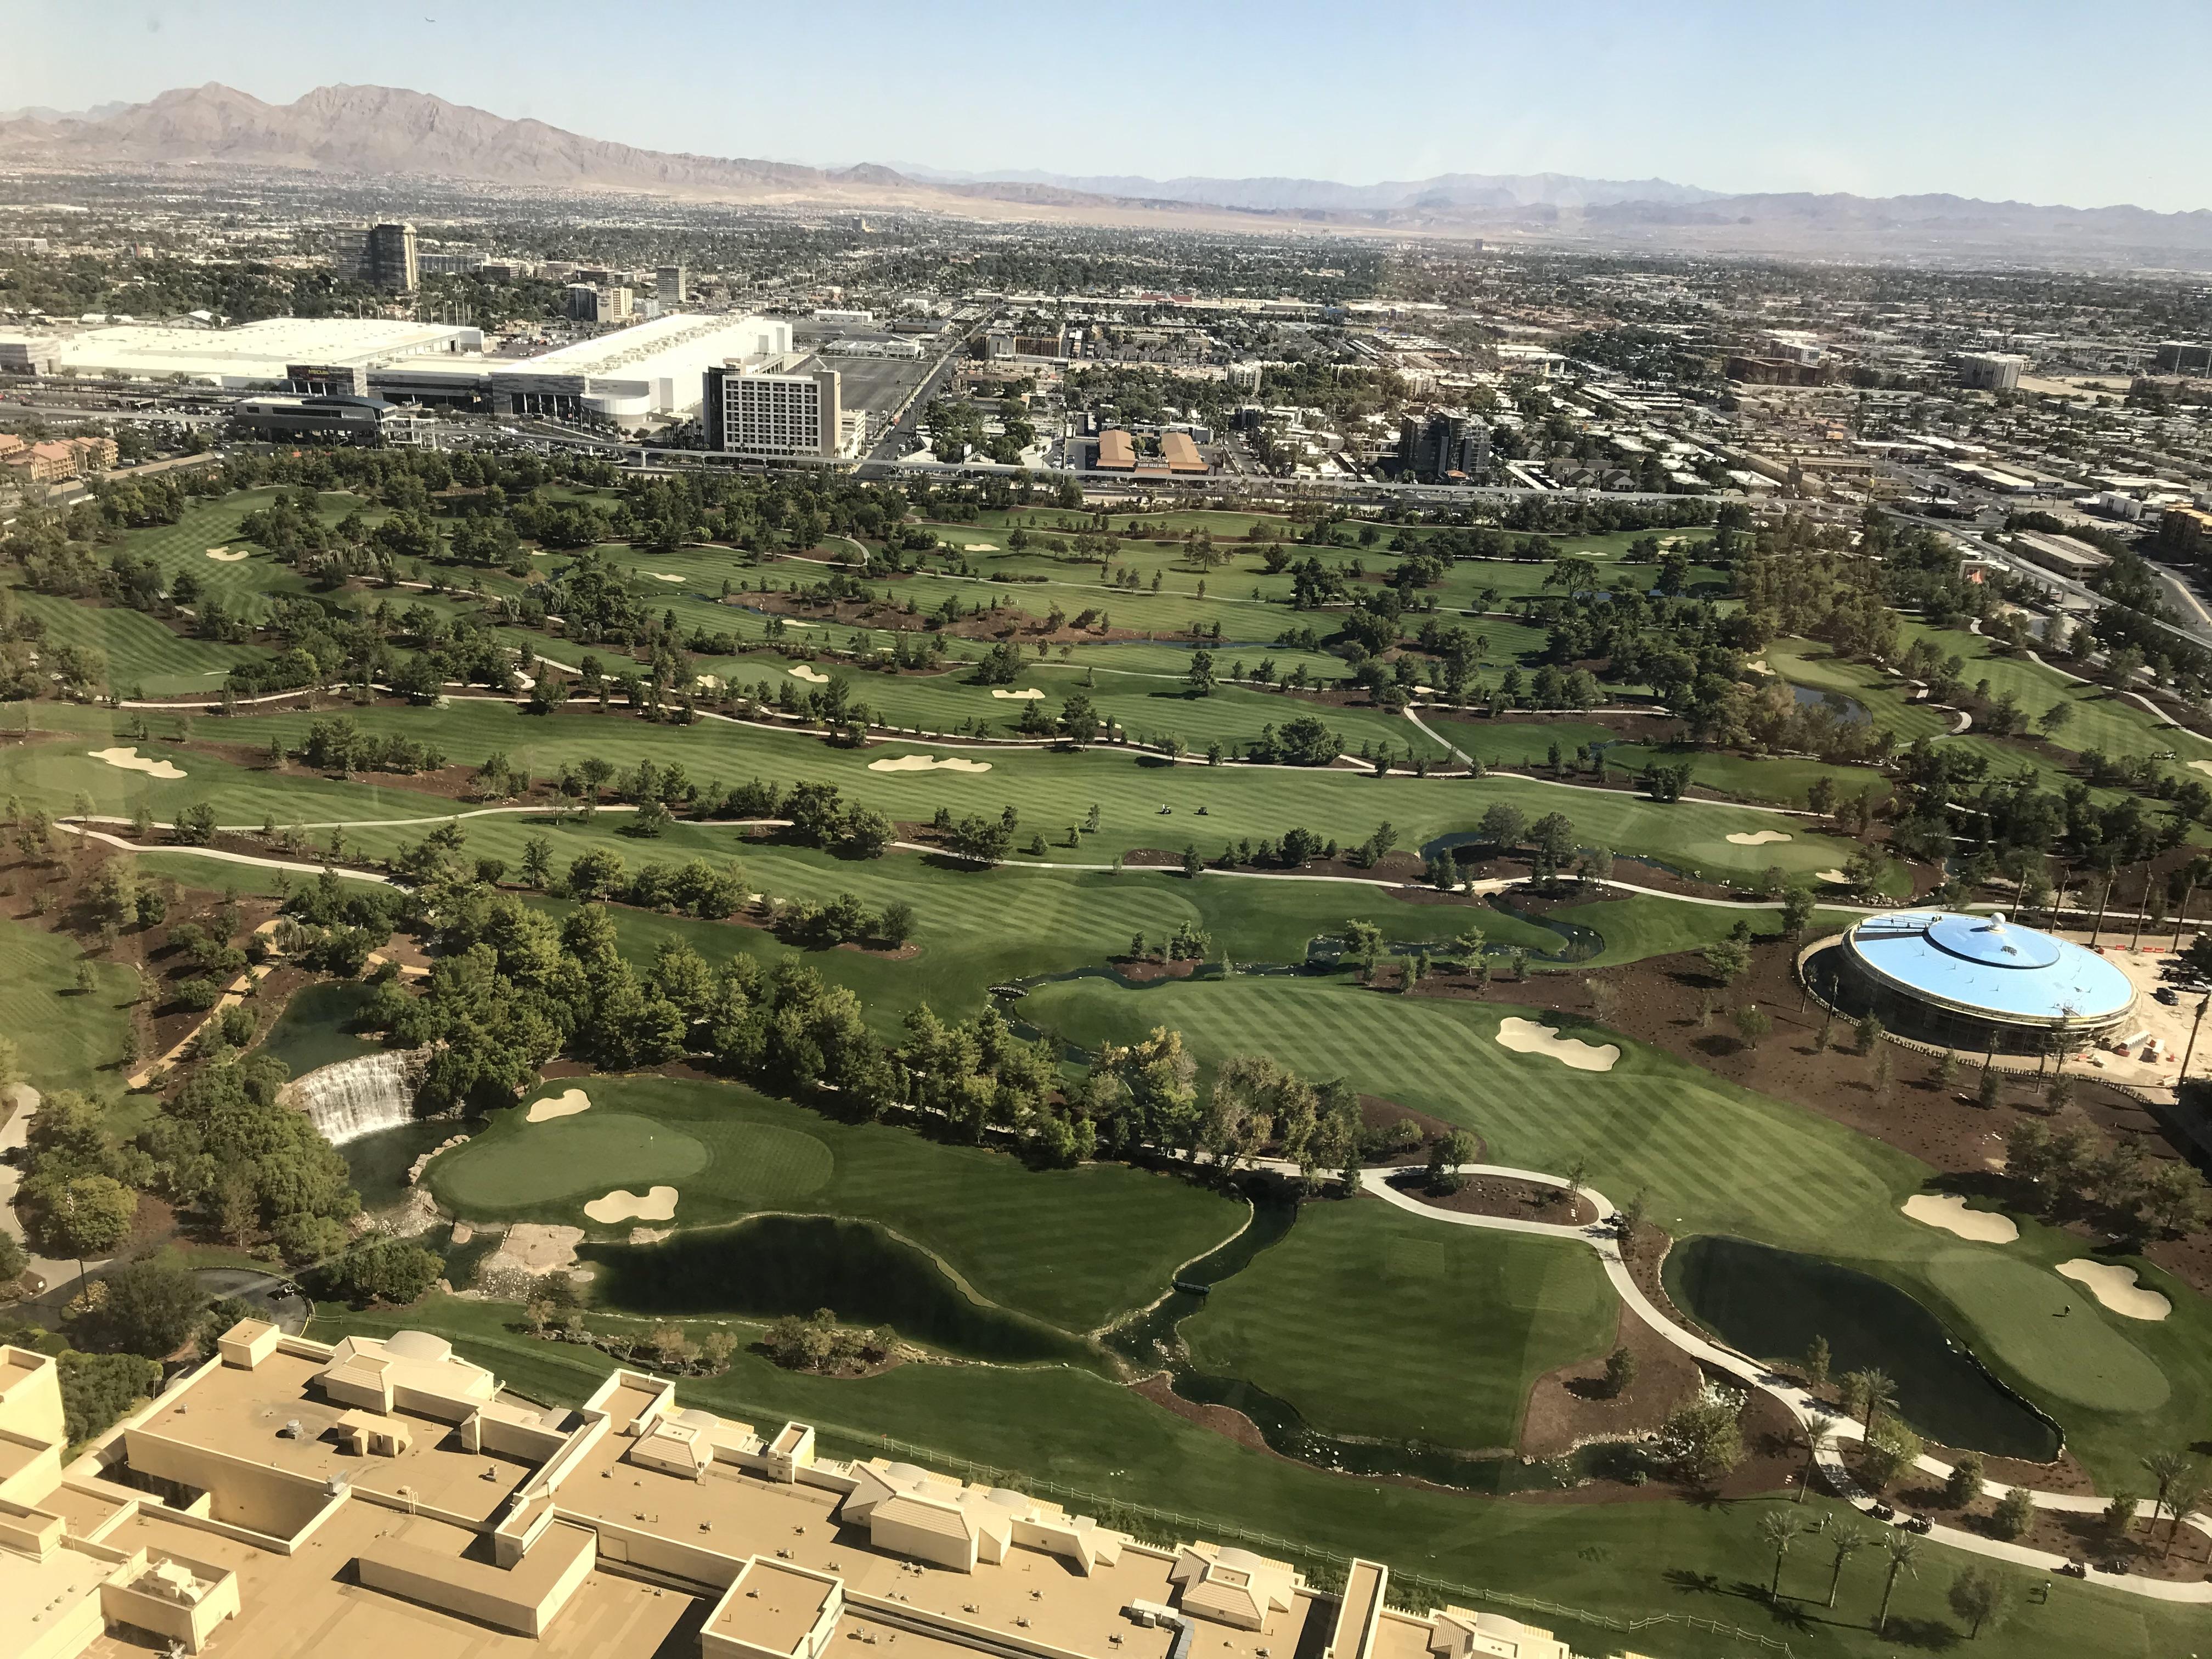 The Wynn Resort Golf Club